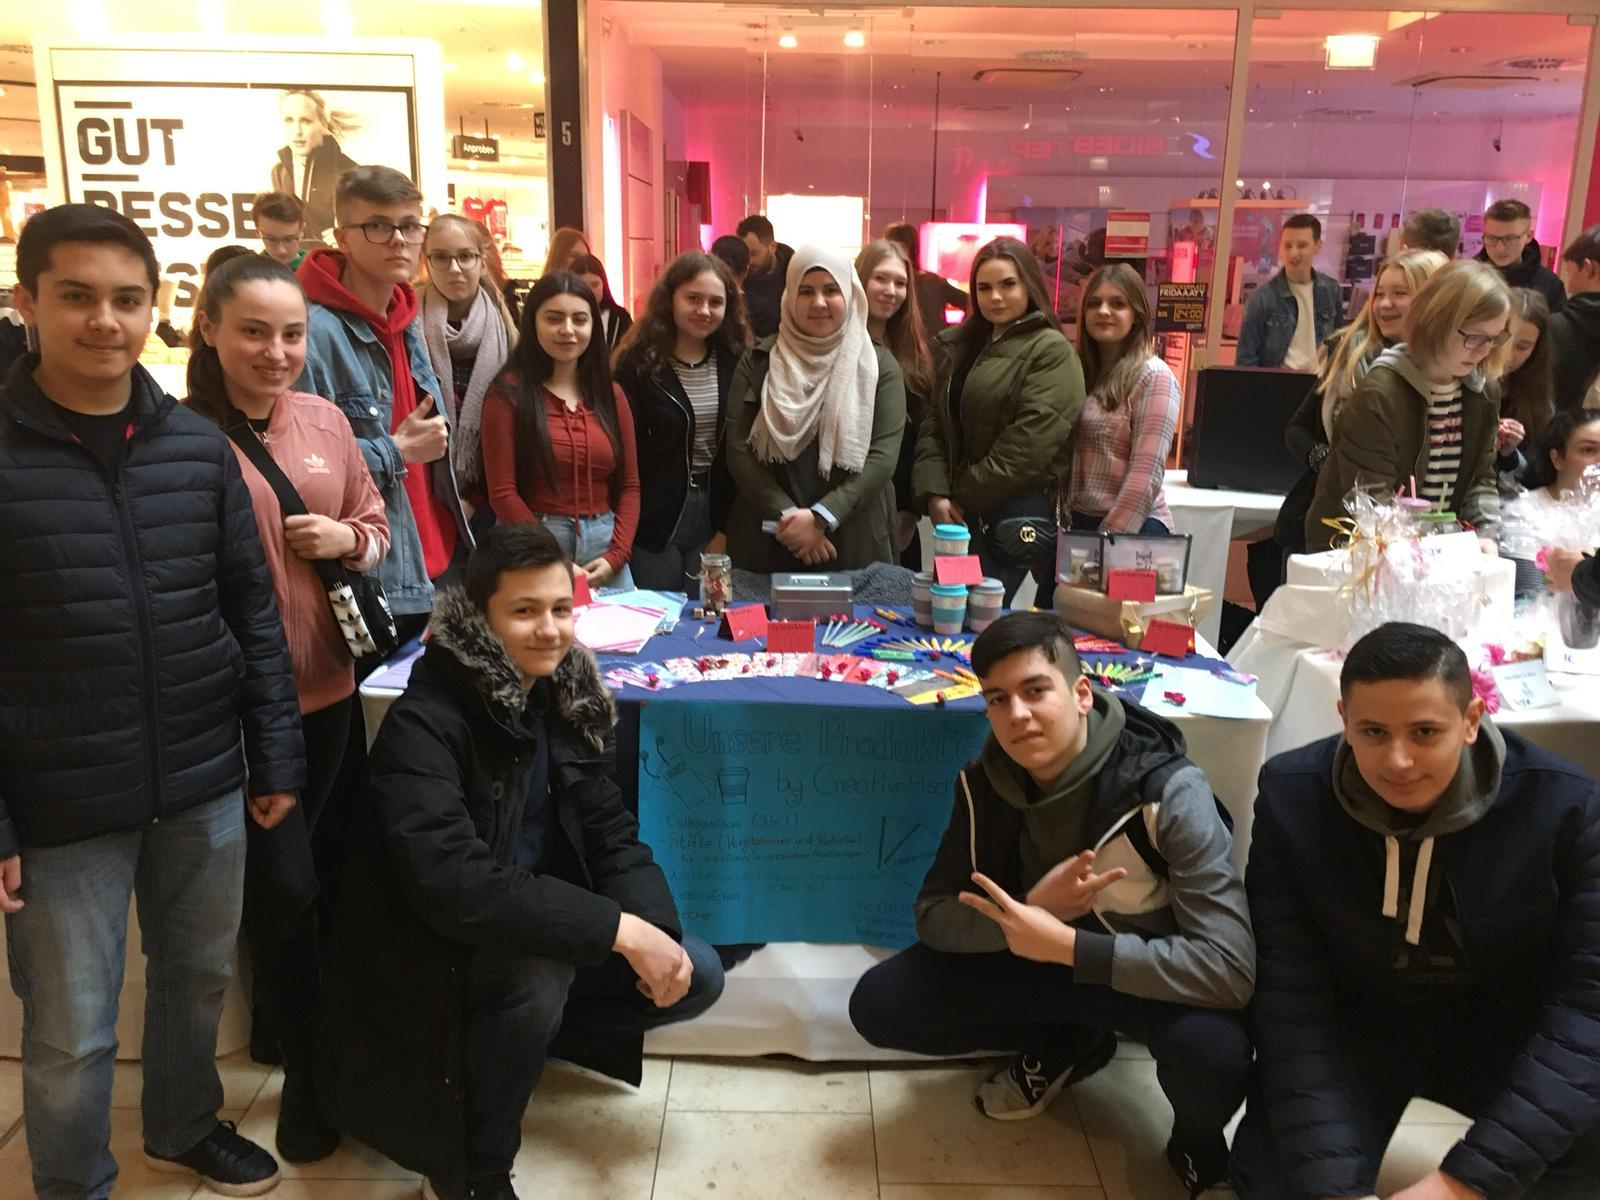 Unsere Schülerunternehmen präsentierten sich am Limbecker Platz